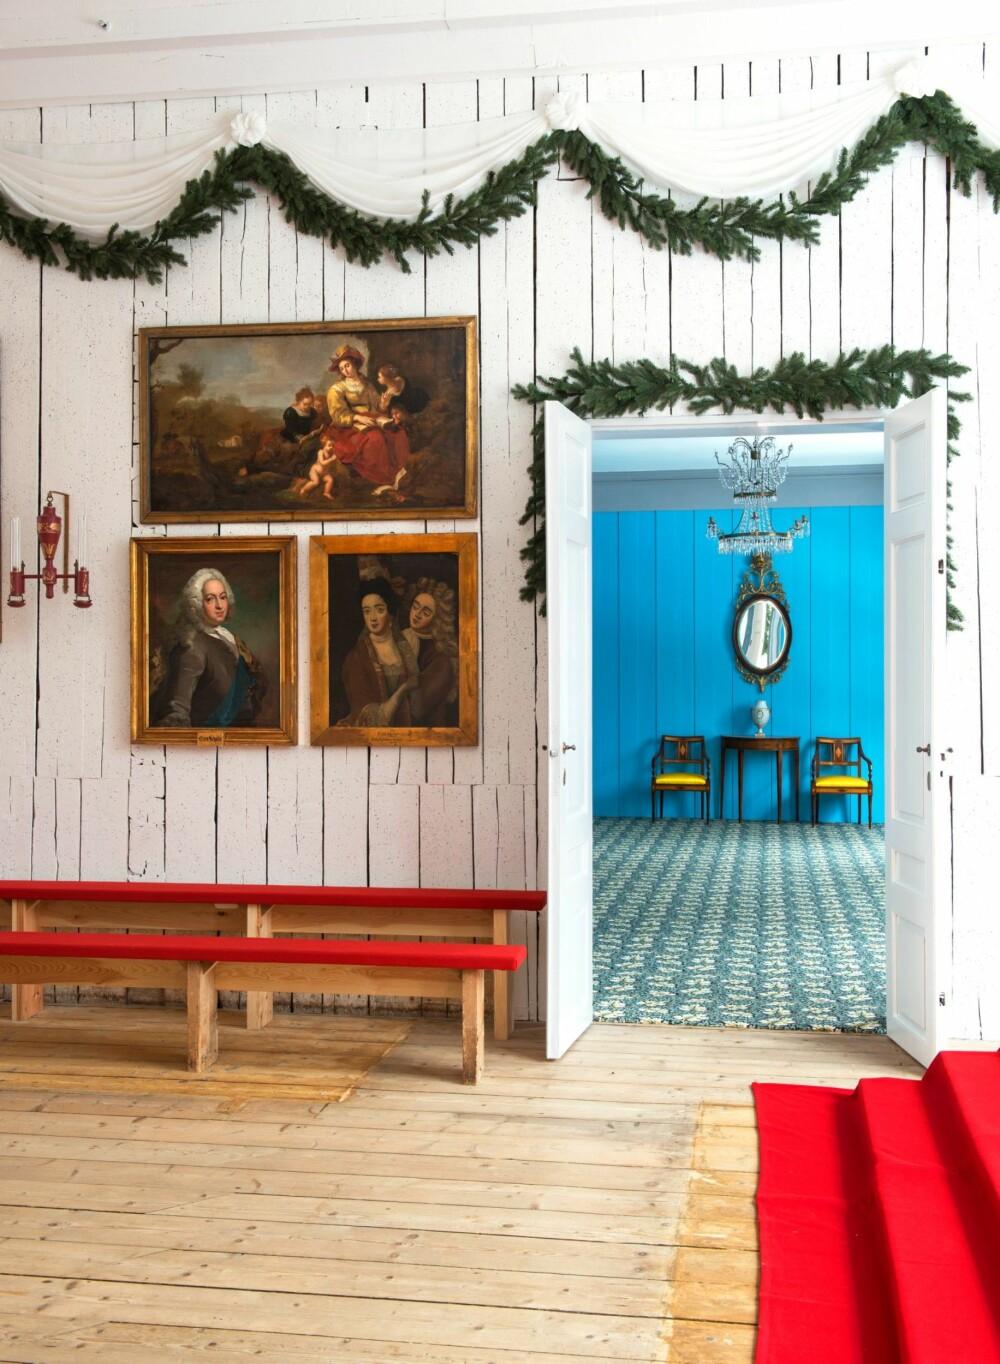 RIKSFORSAMLINGEN: En av kildene som har bidratt til forestillingen om hvordan salen så ut, var Oscar Wergelands kjente maleri av riksforsamlingen. Det ble malt i 1884, men da var salen tom, vinduene endret og veggene kledd med grønt lerret. I dag er salen langt røffere enn vi har vært vant til å se den. De gule gardinene og lysekronen fra 1964 er borte, og sparkelen på veggene er fjernet. Tre benkerader langs hver av veggene er redusert til to, for riksdagsmennene beskrev i dagbøker og brev at de satt veldig trangt.